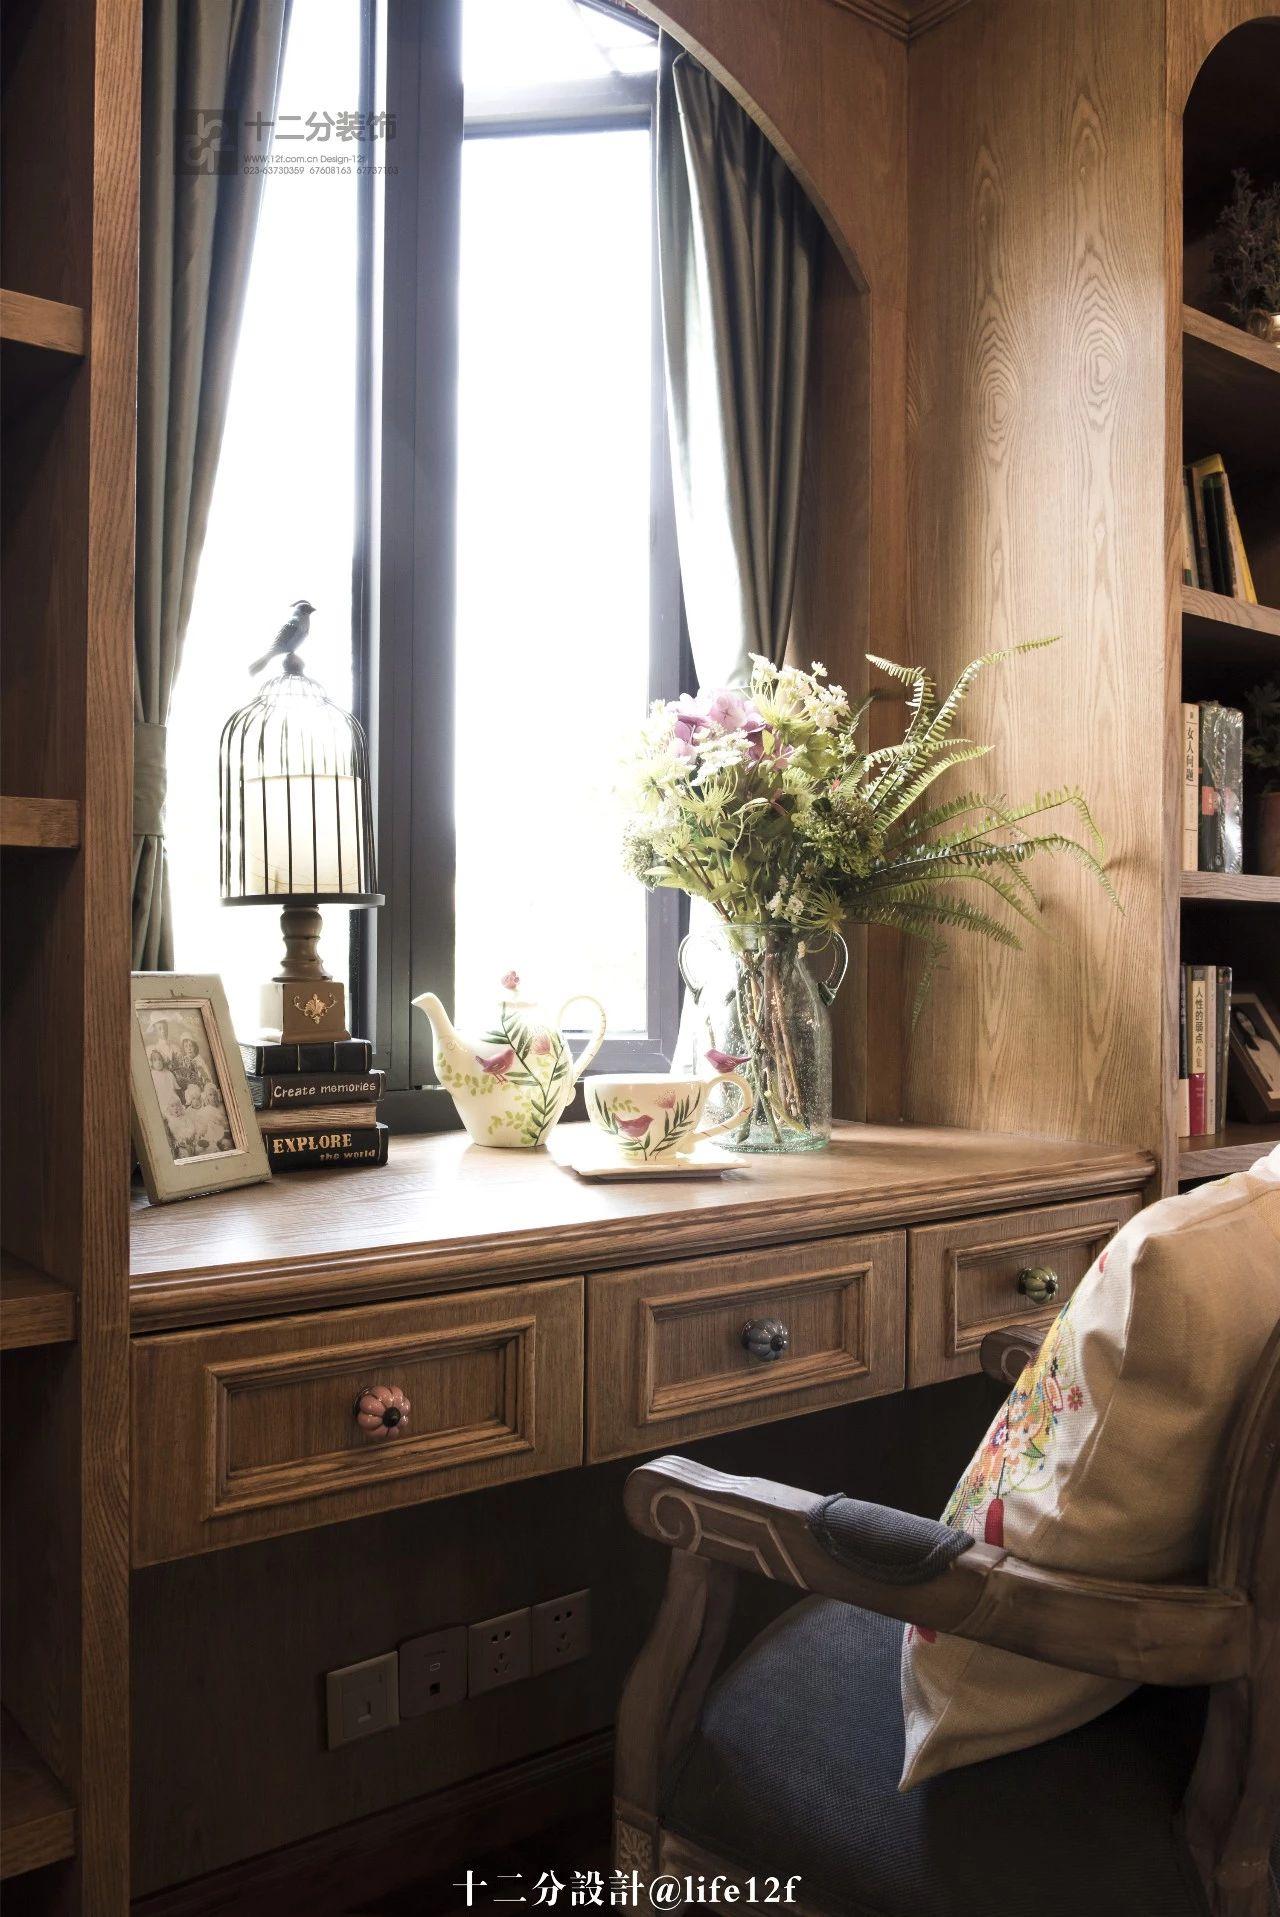 法式乡村风格别墅装修书桌设计图